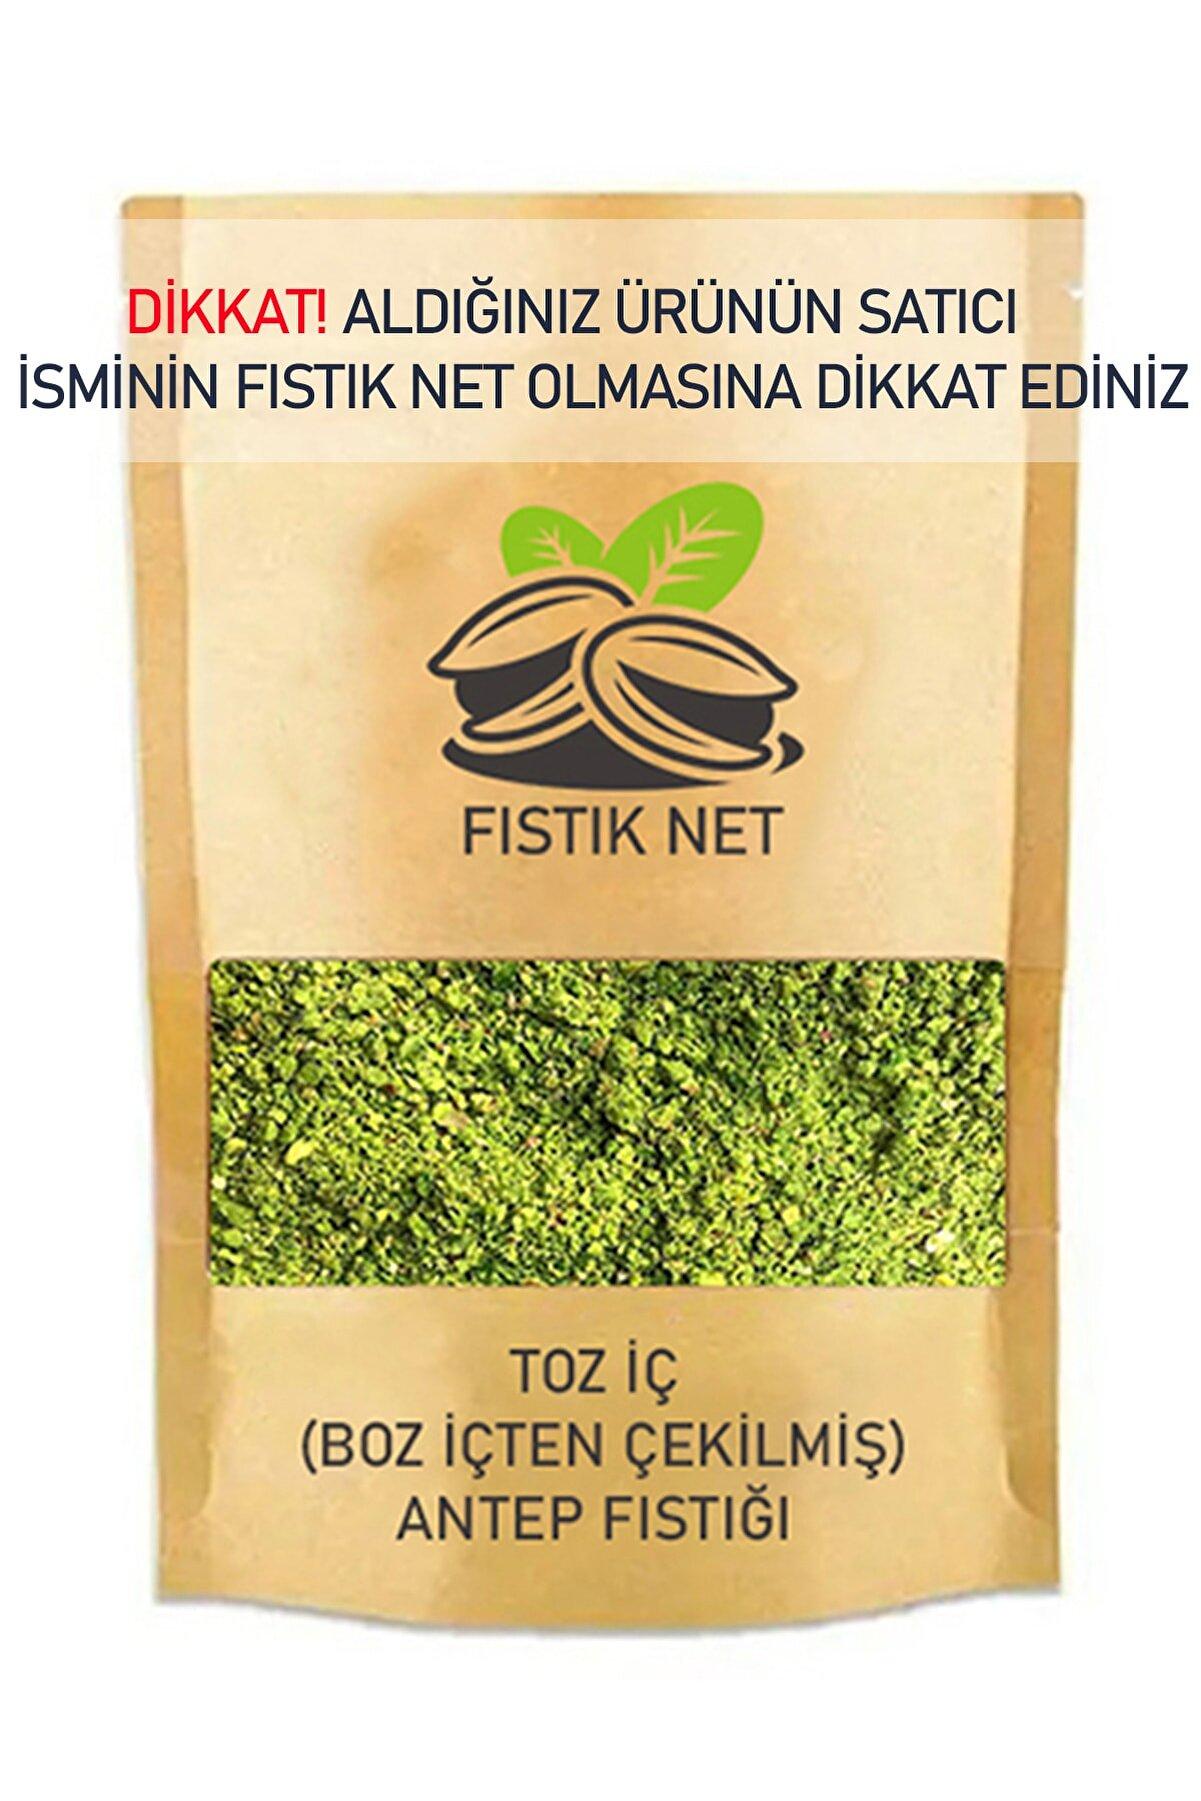 Fıstık Net Toz Iç (Boz Içten Çekilmiş) Antep Fıstığı 200 gr